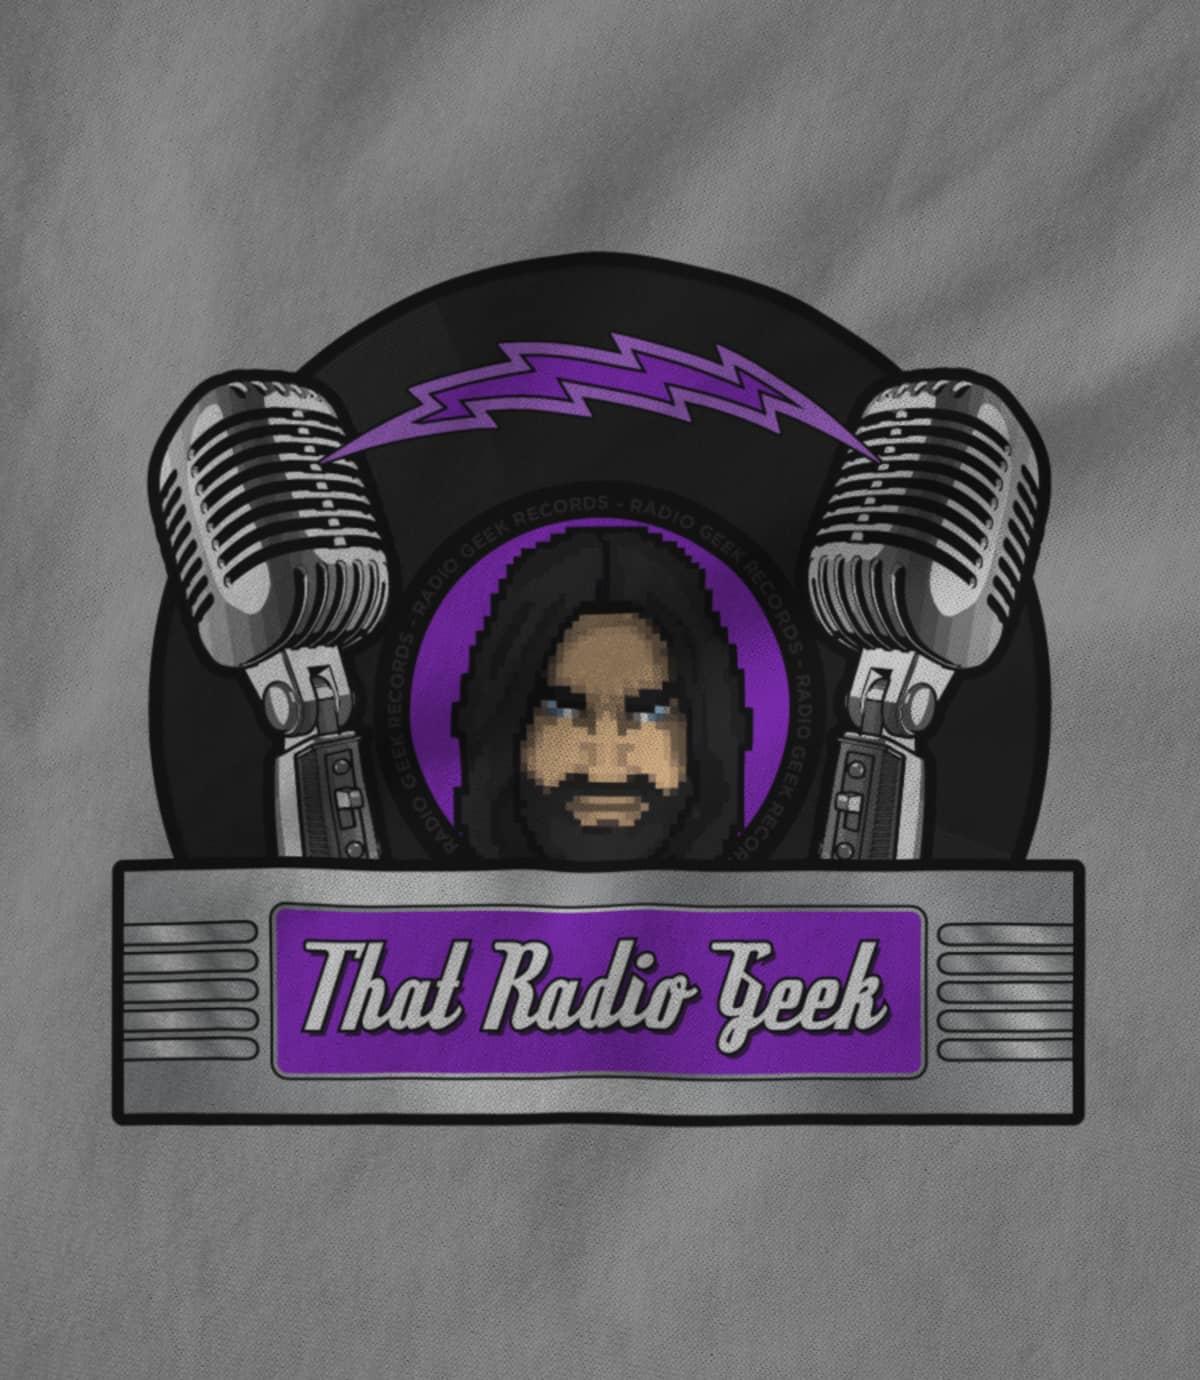 ThatRadioGeek